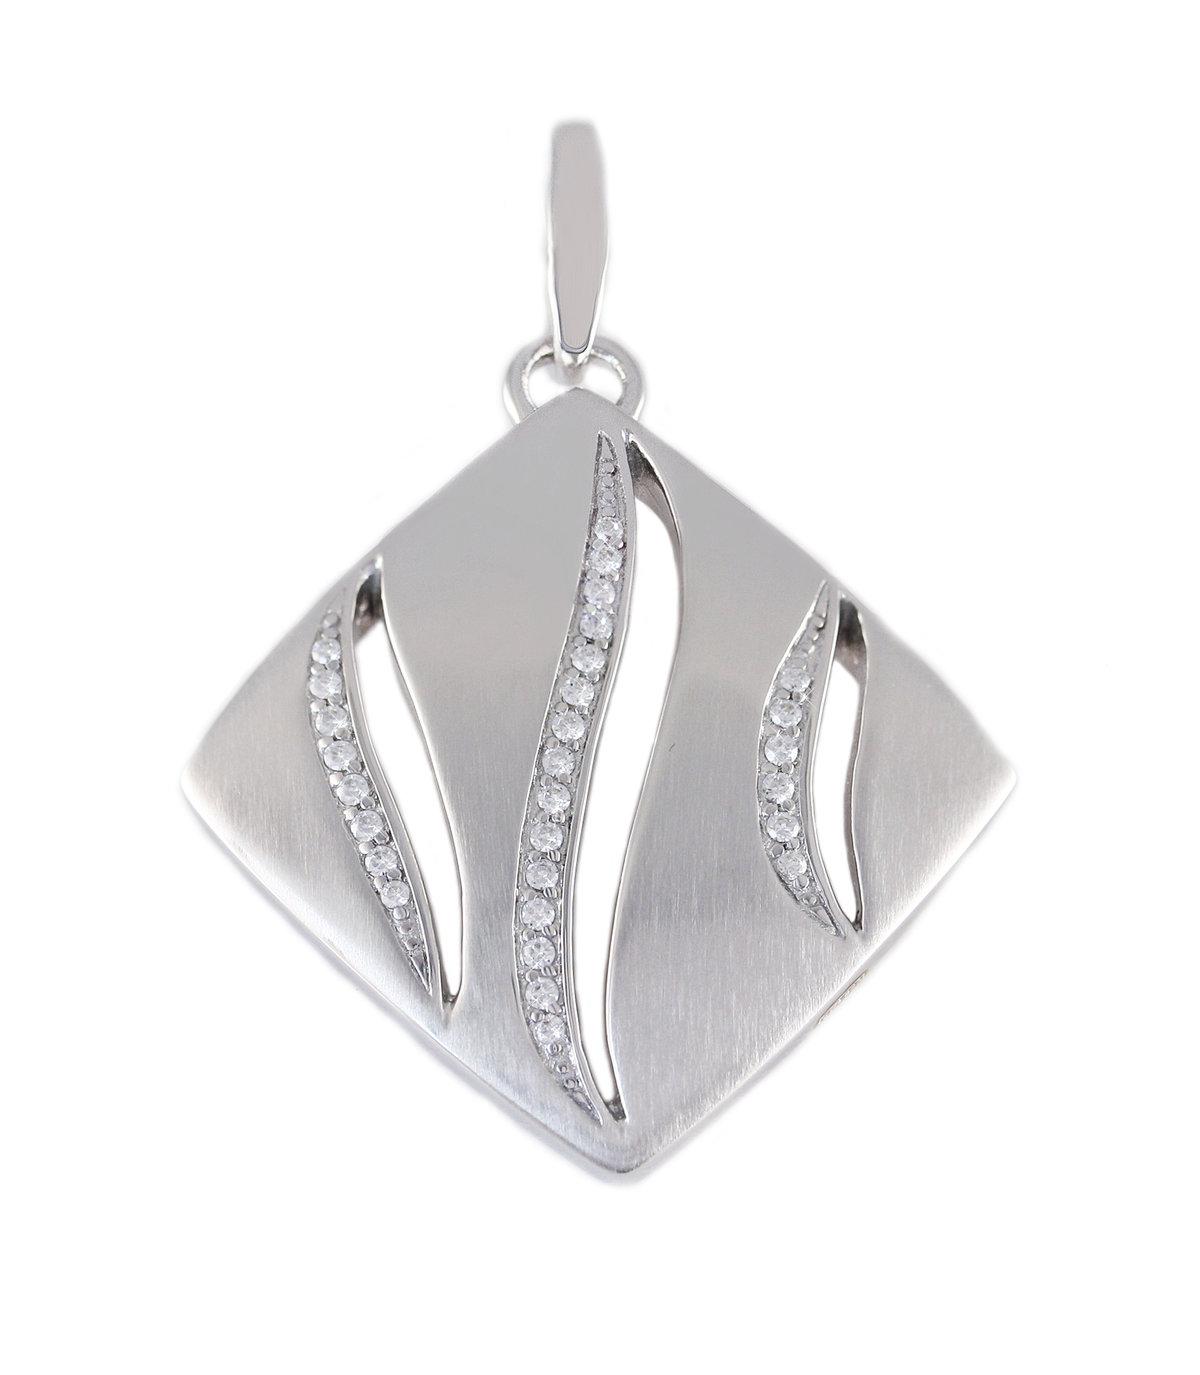 Серебряная подвеска с цирконом 2130010-H | 2130010-H ― VikoSilver